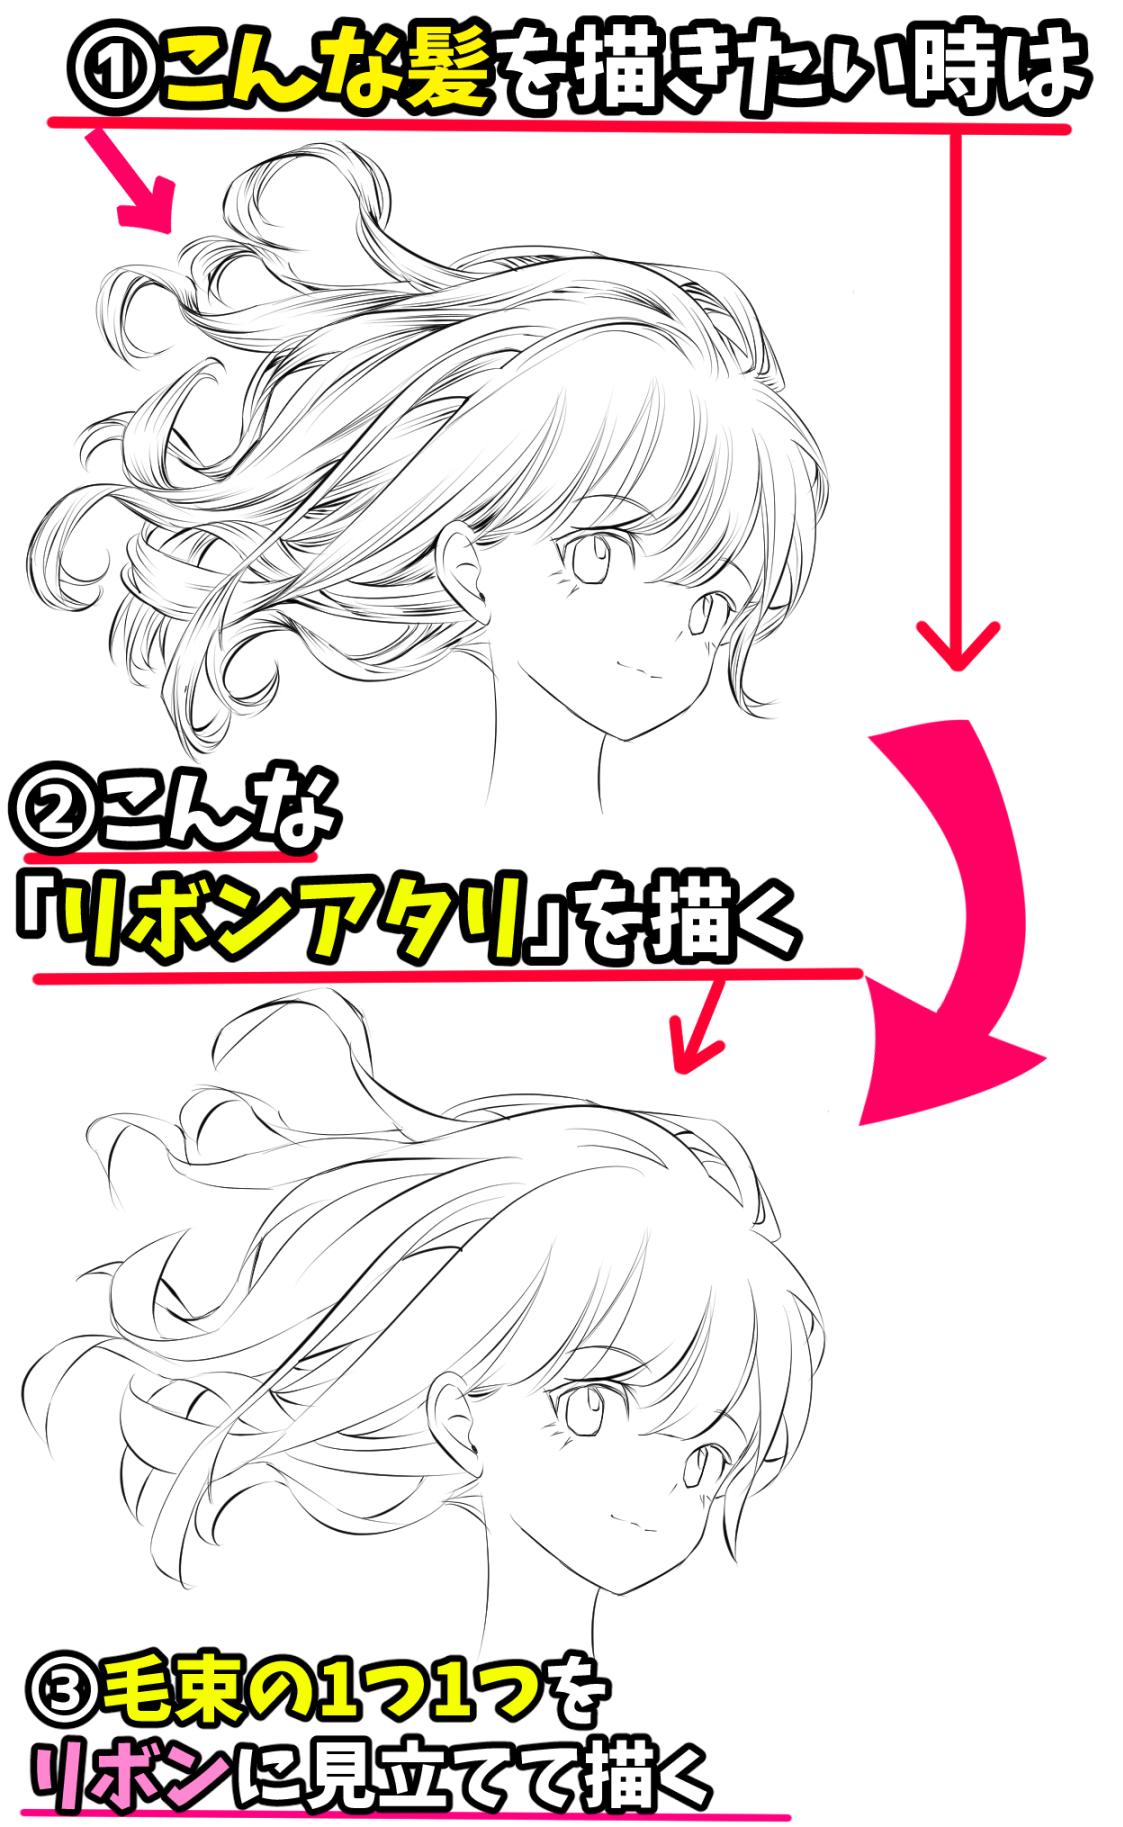 女の子の模写 絵の上達 髪の描き方